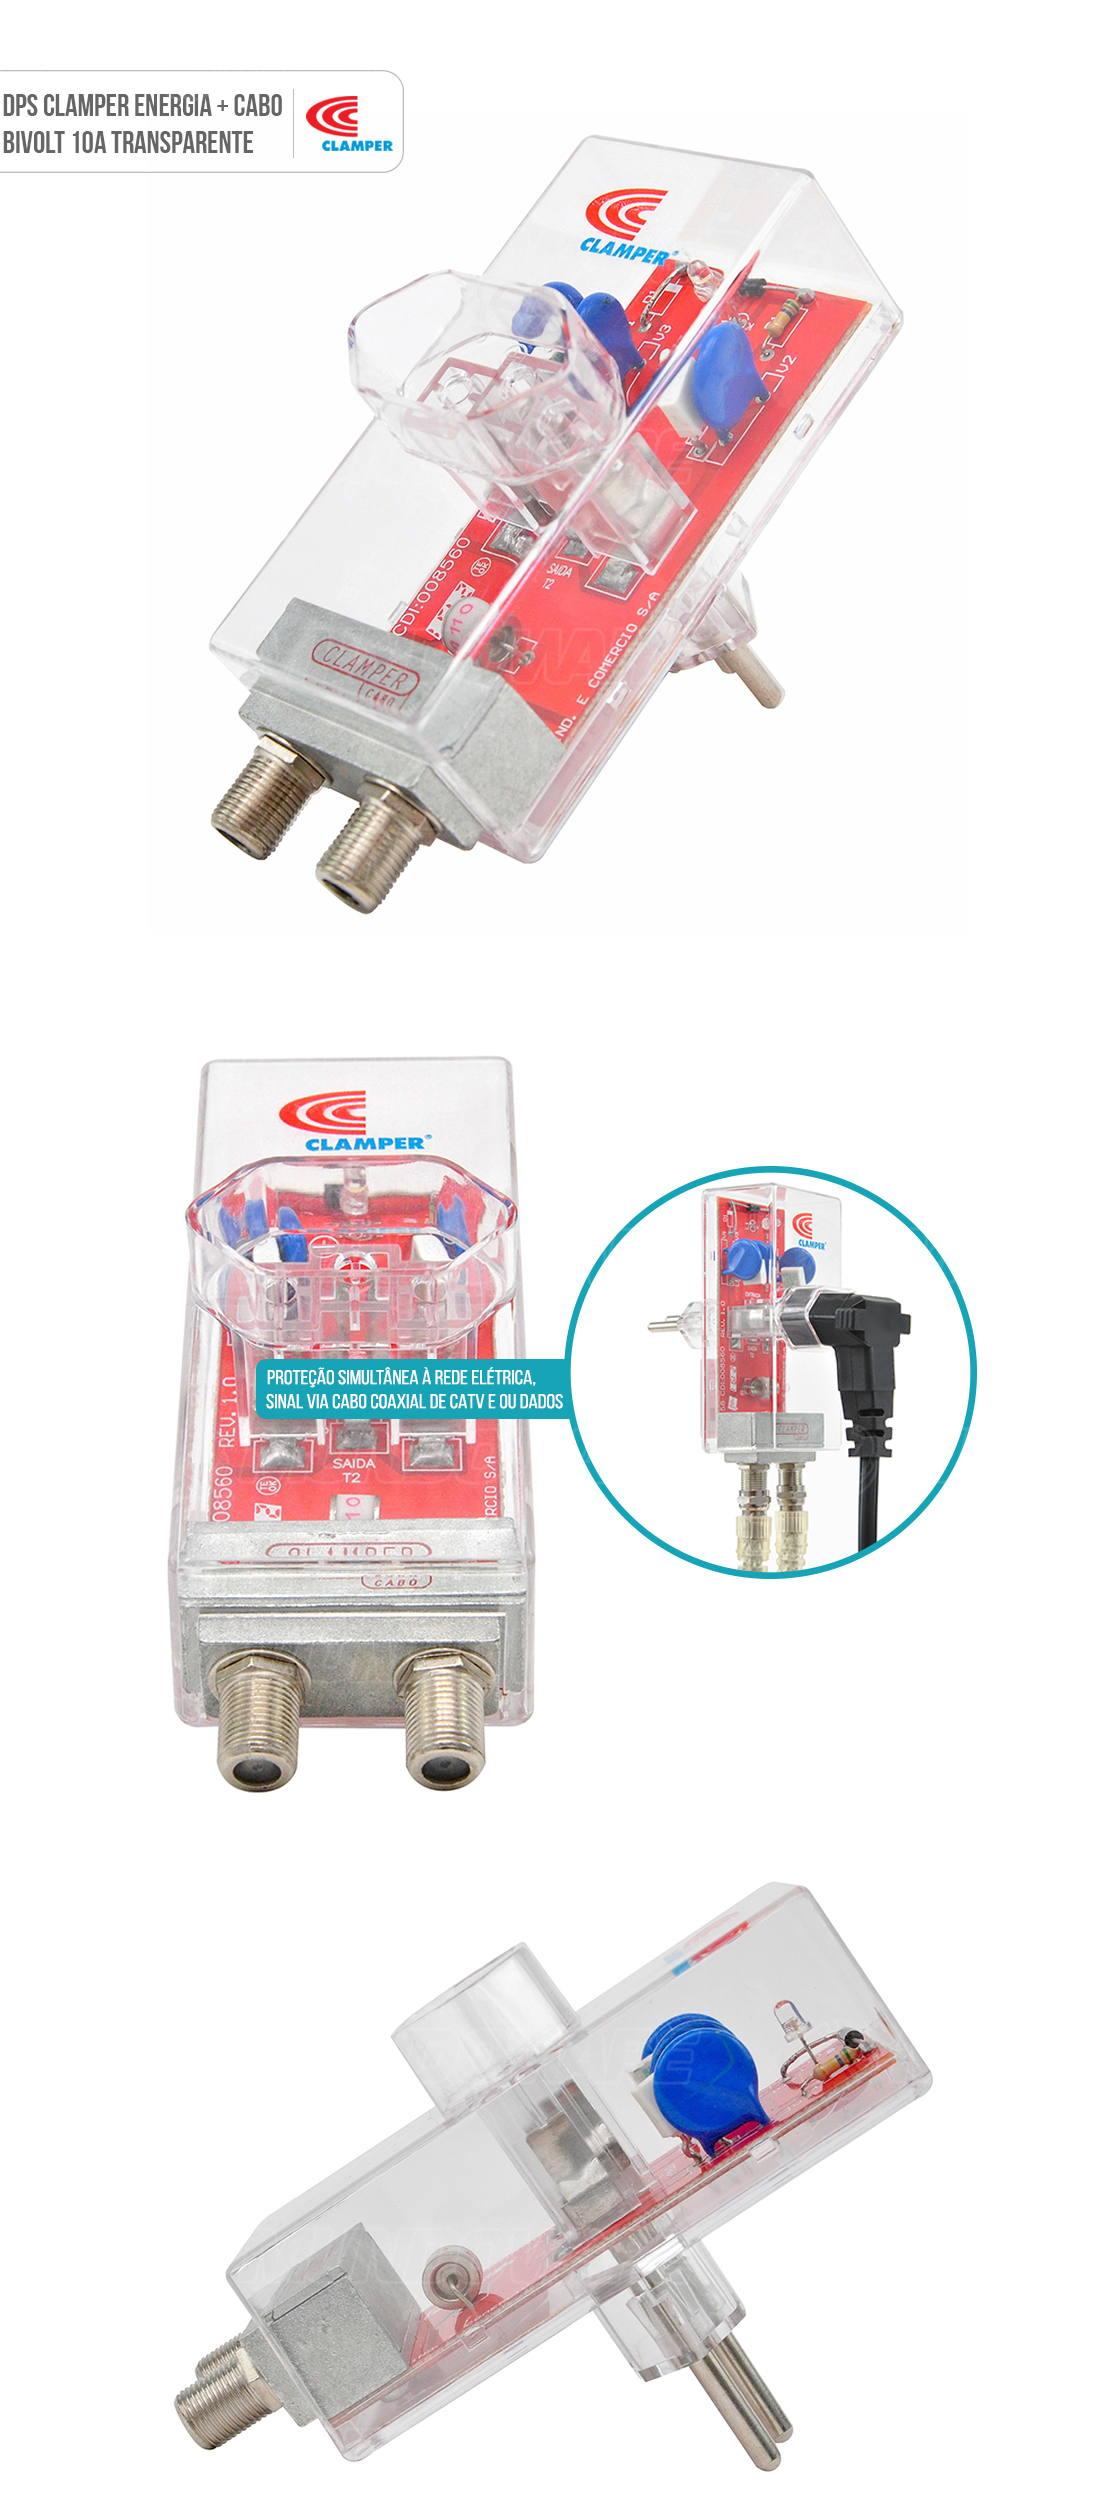 DPS Clamper Energia + Cabo Proteção contra Raios e Surtos na Rede Elétrica e via Cabo Coaxial Bivolt 10A Transparente